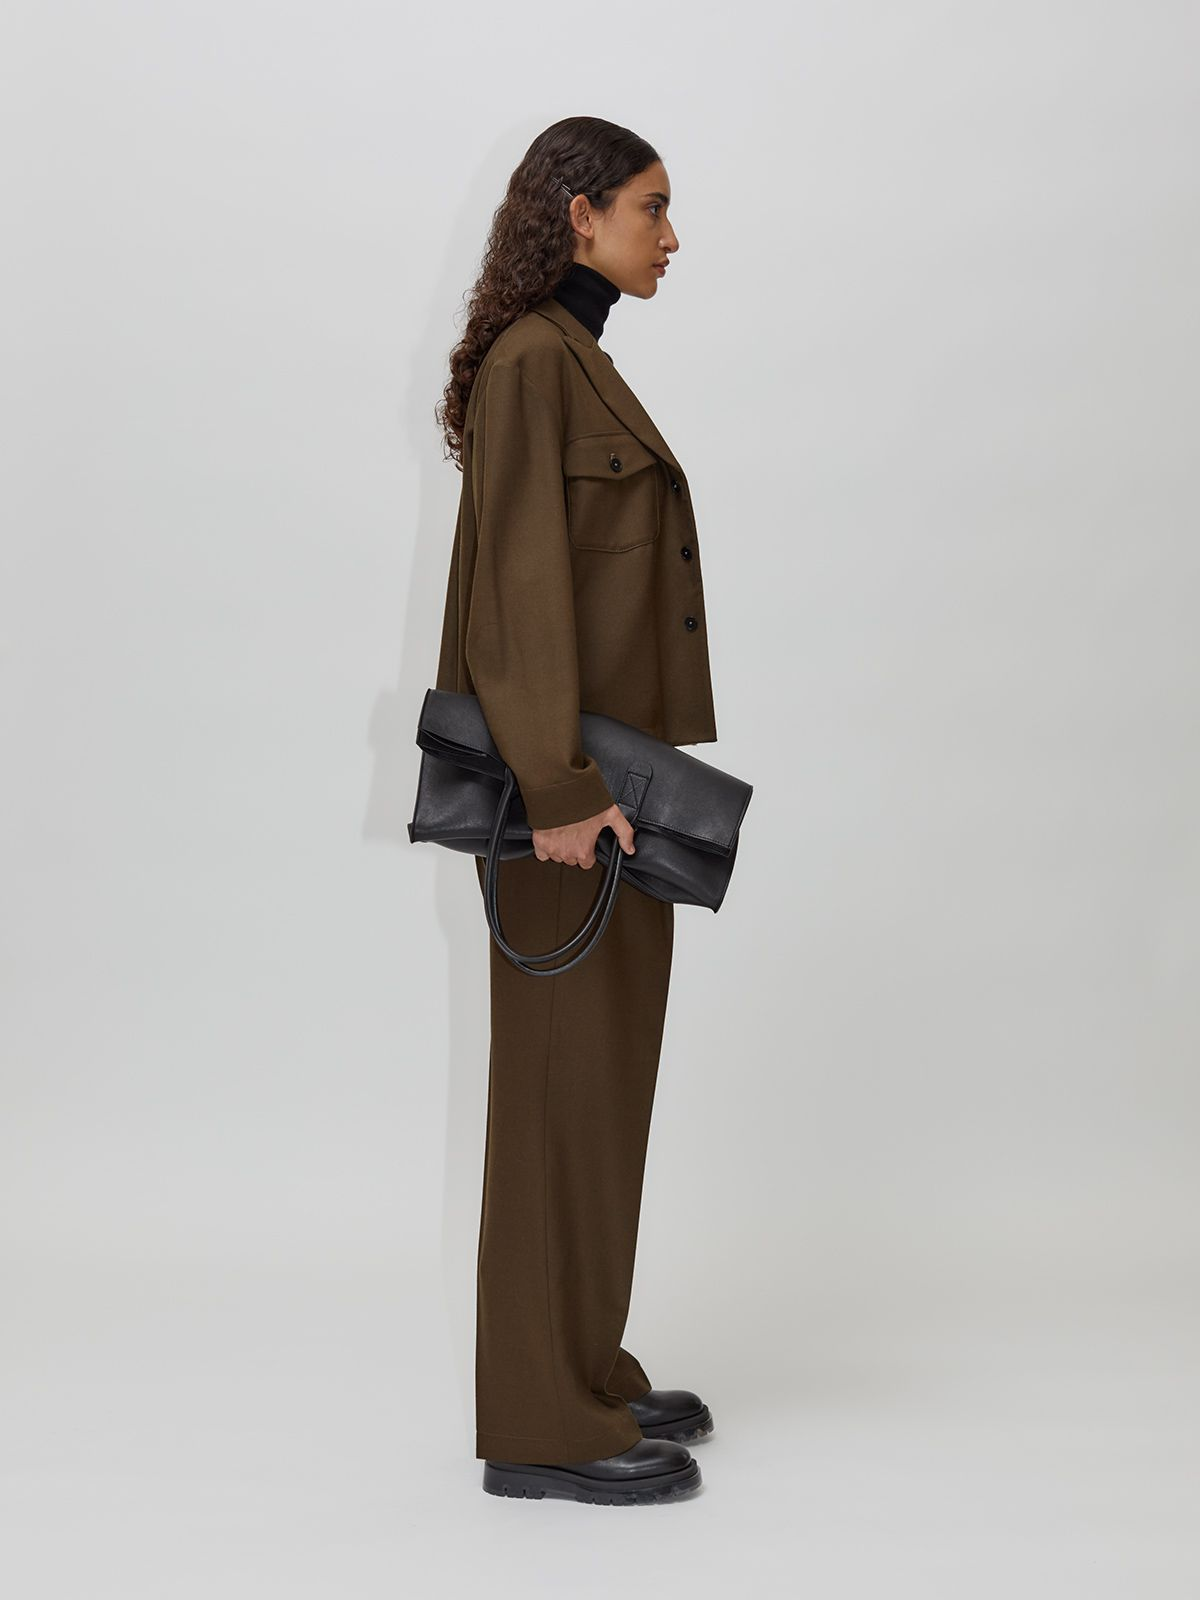 Moderne Kombis - Anzug neu interpretiert